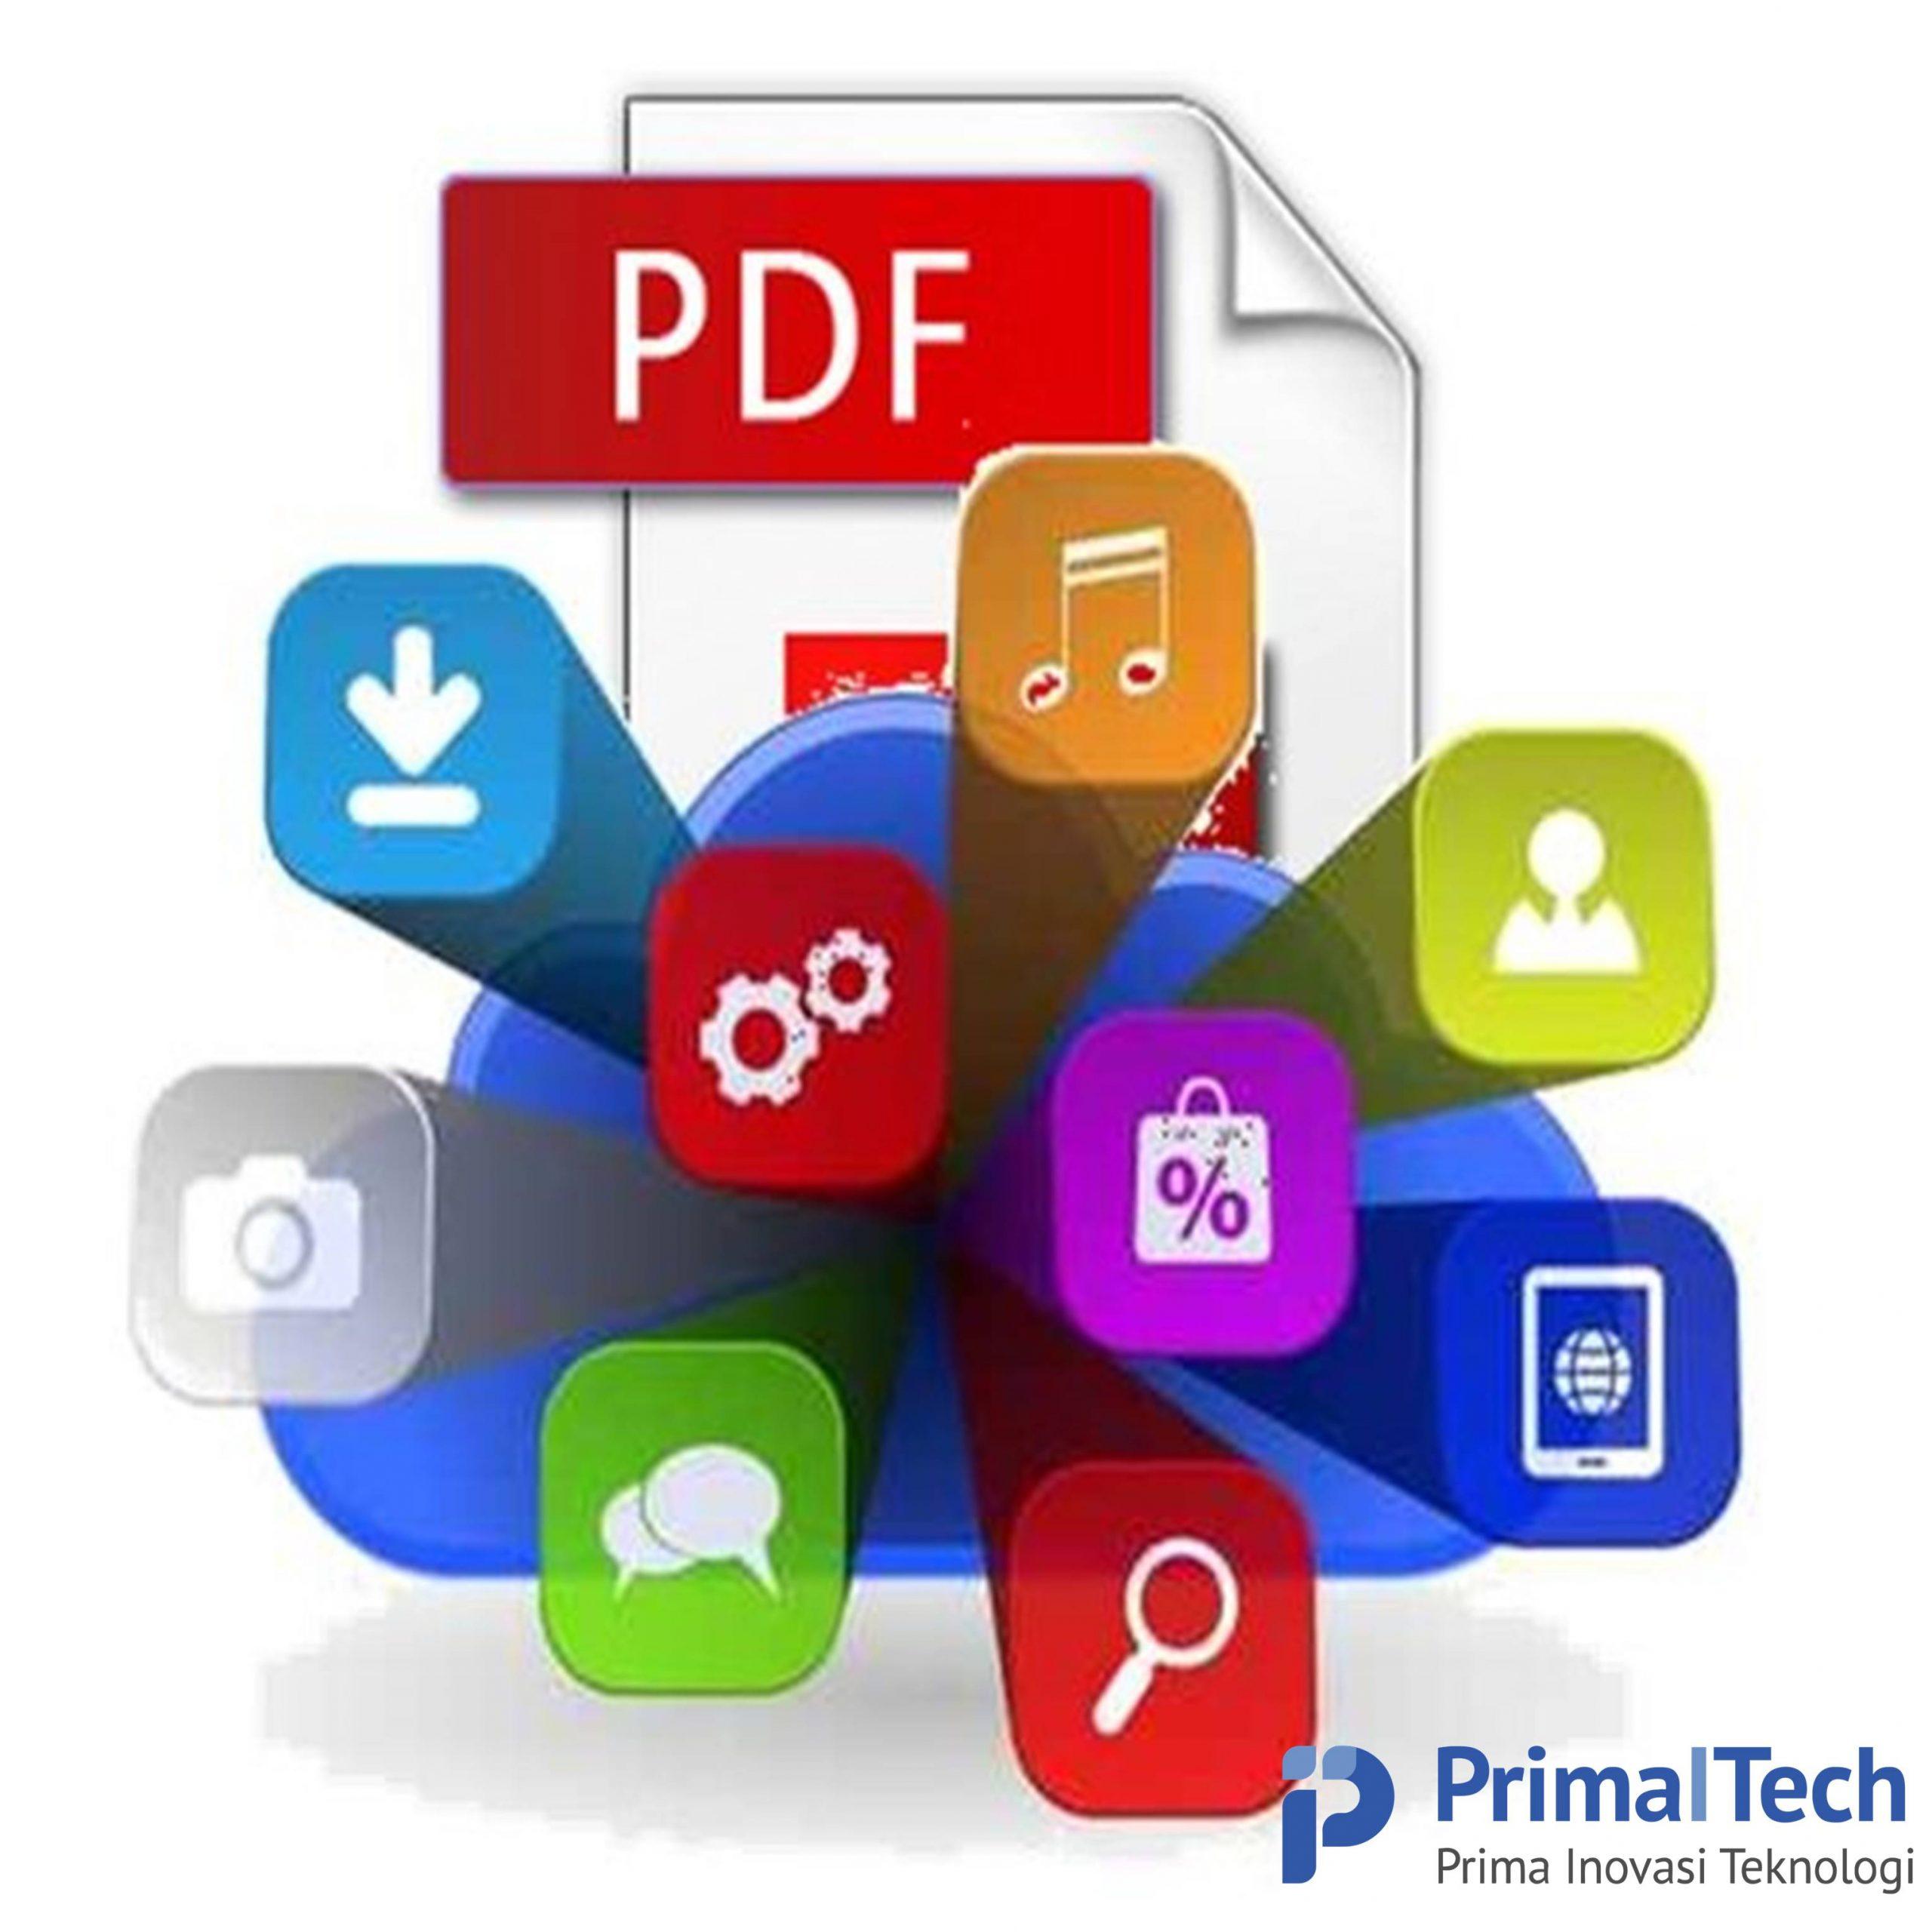 Cara Memperkecil Ukuran File PDF Dengan Mudah